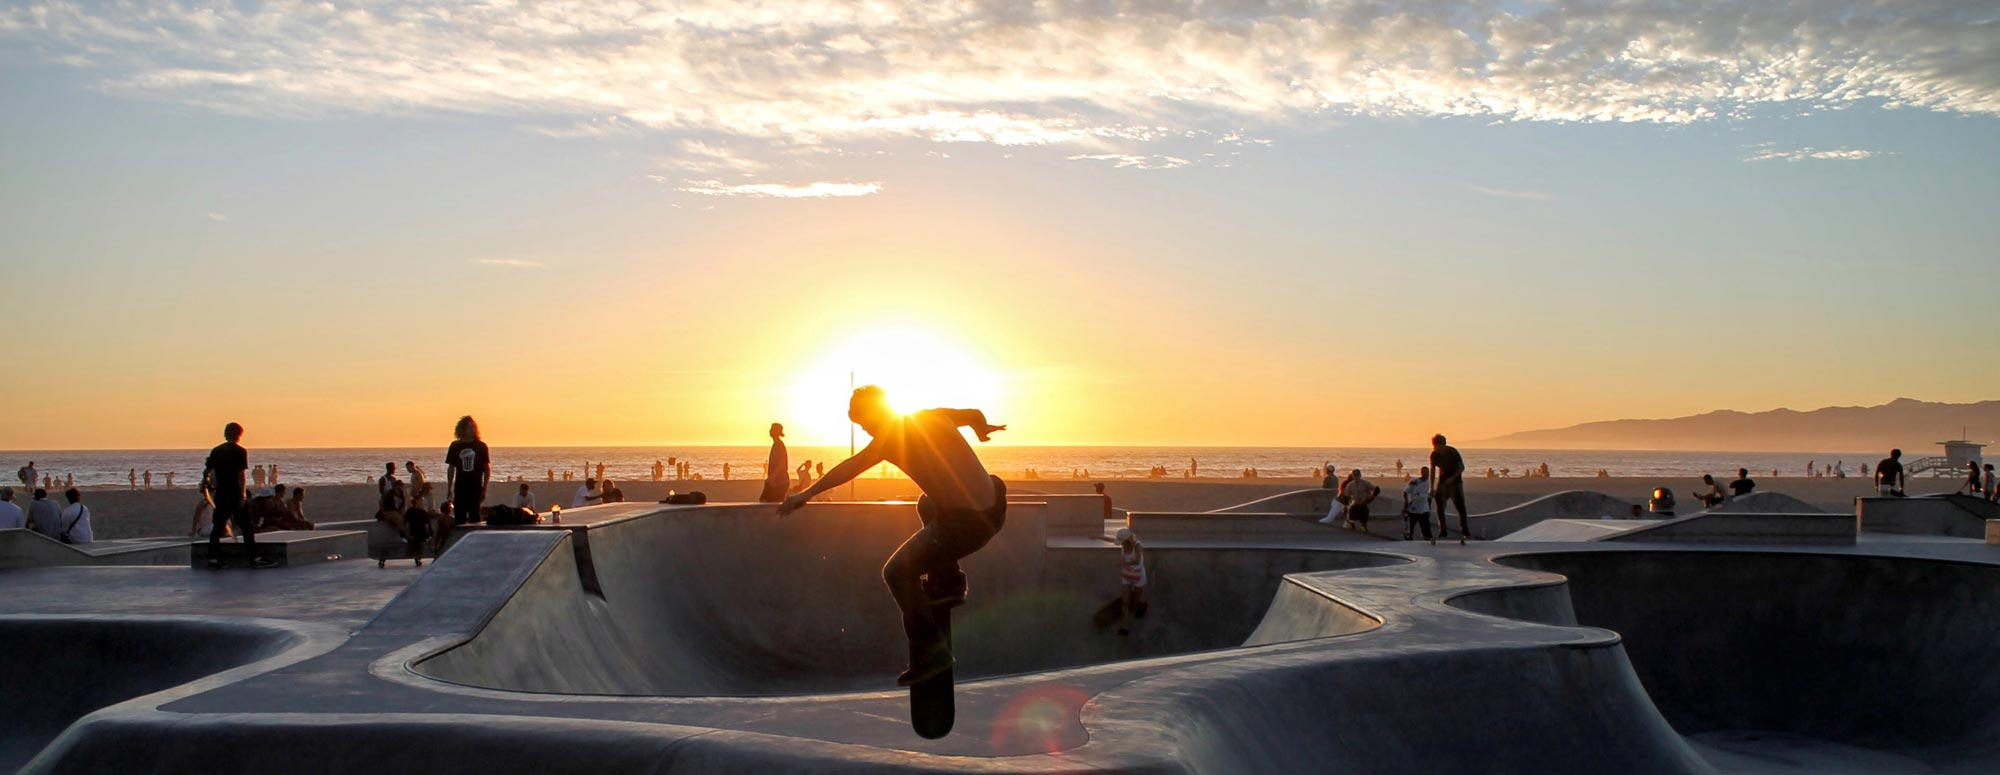 slide 3 skateboards